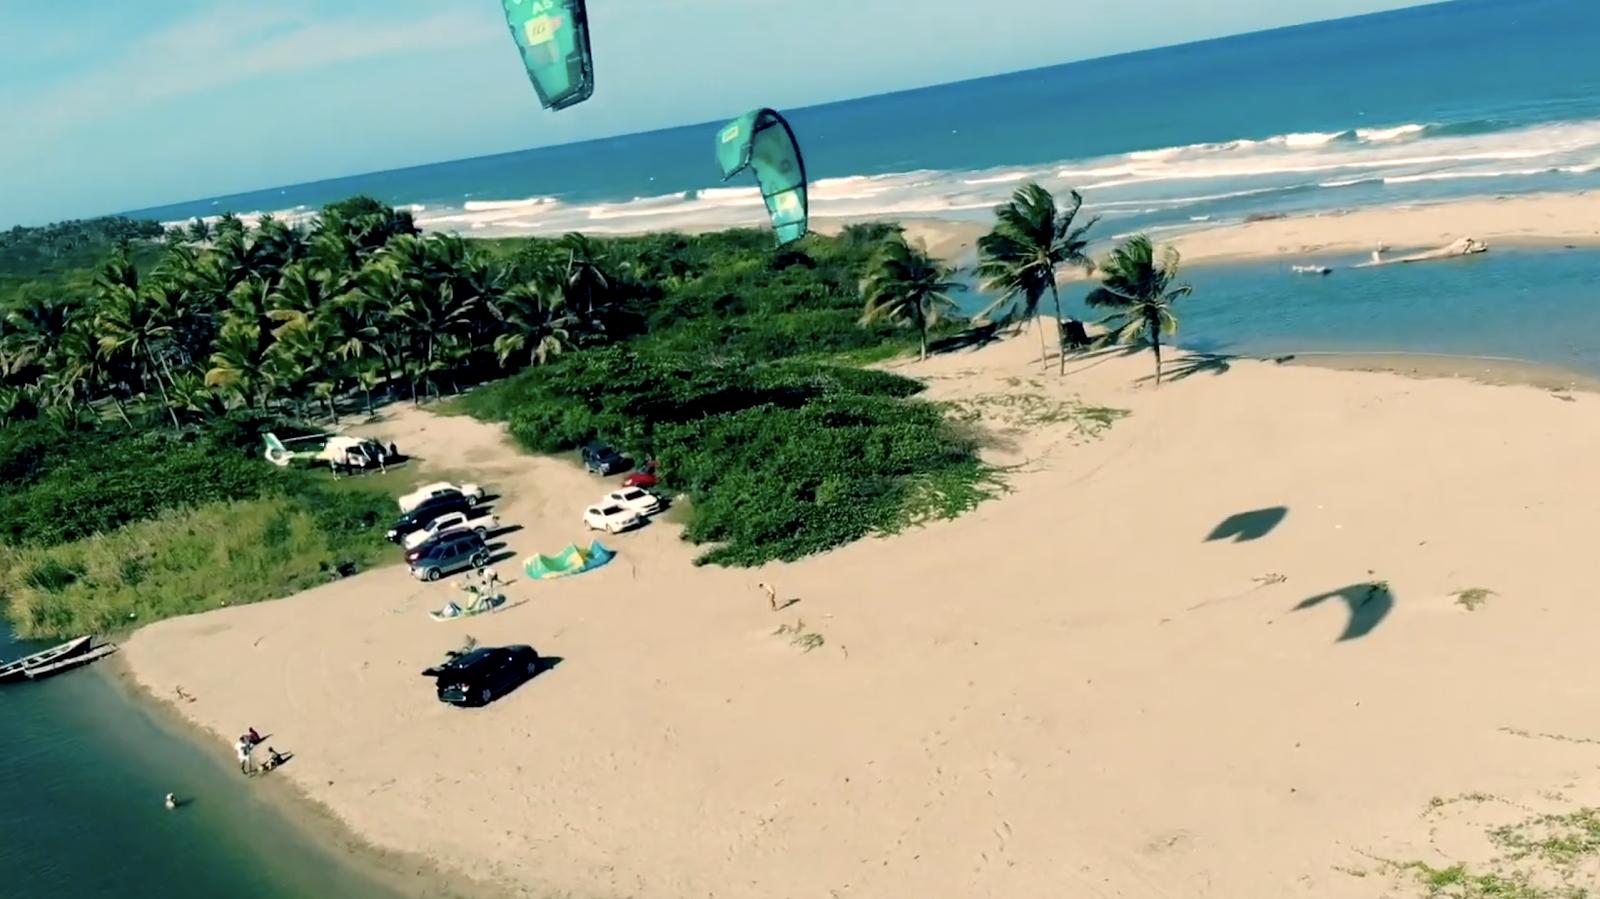 Поездка в Dominicana Cabarete Kitesurfing